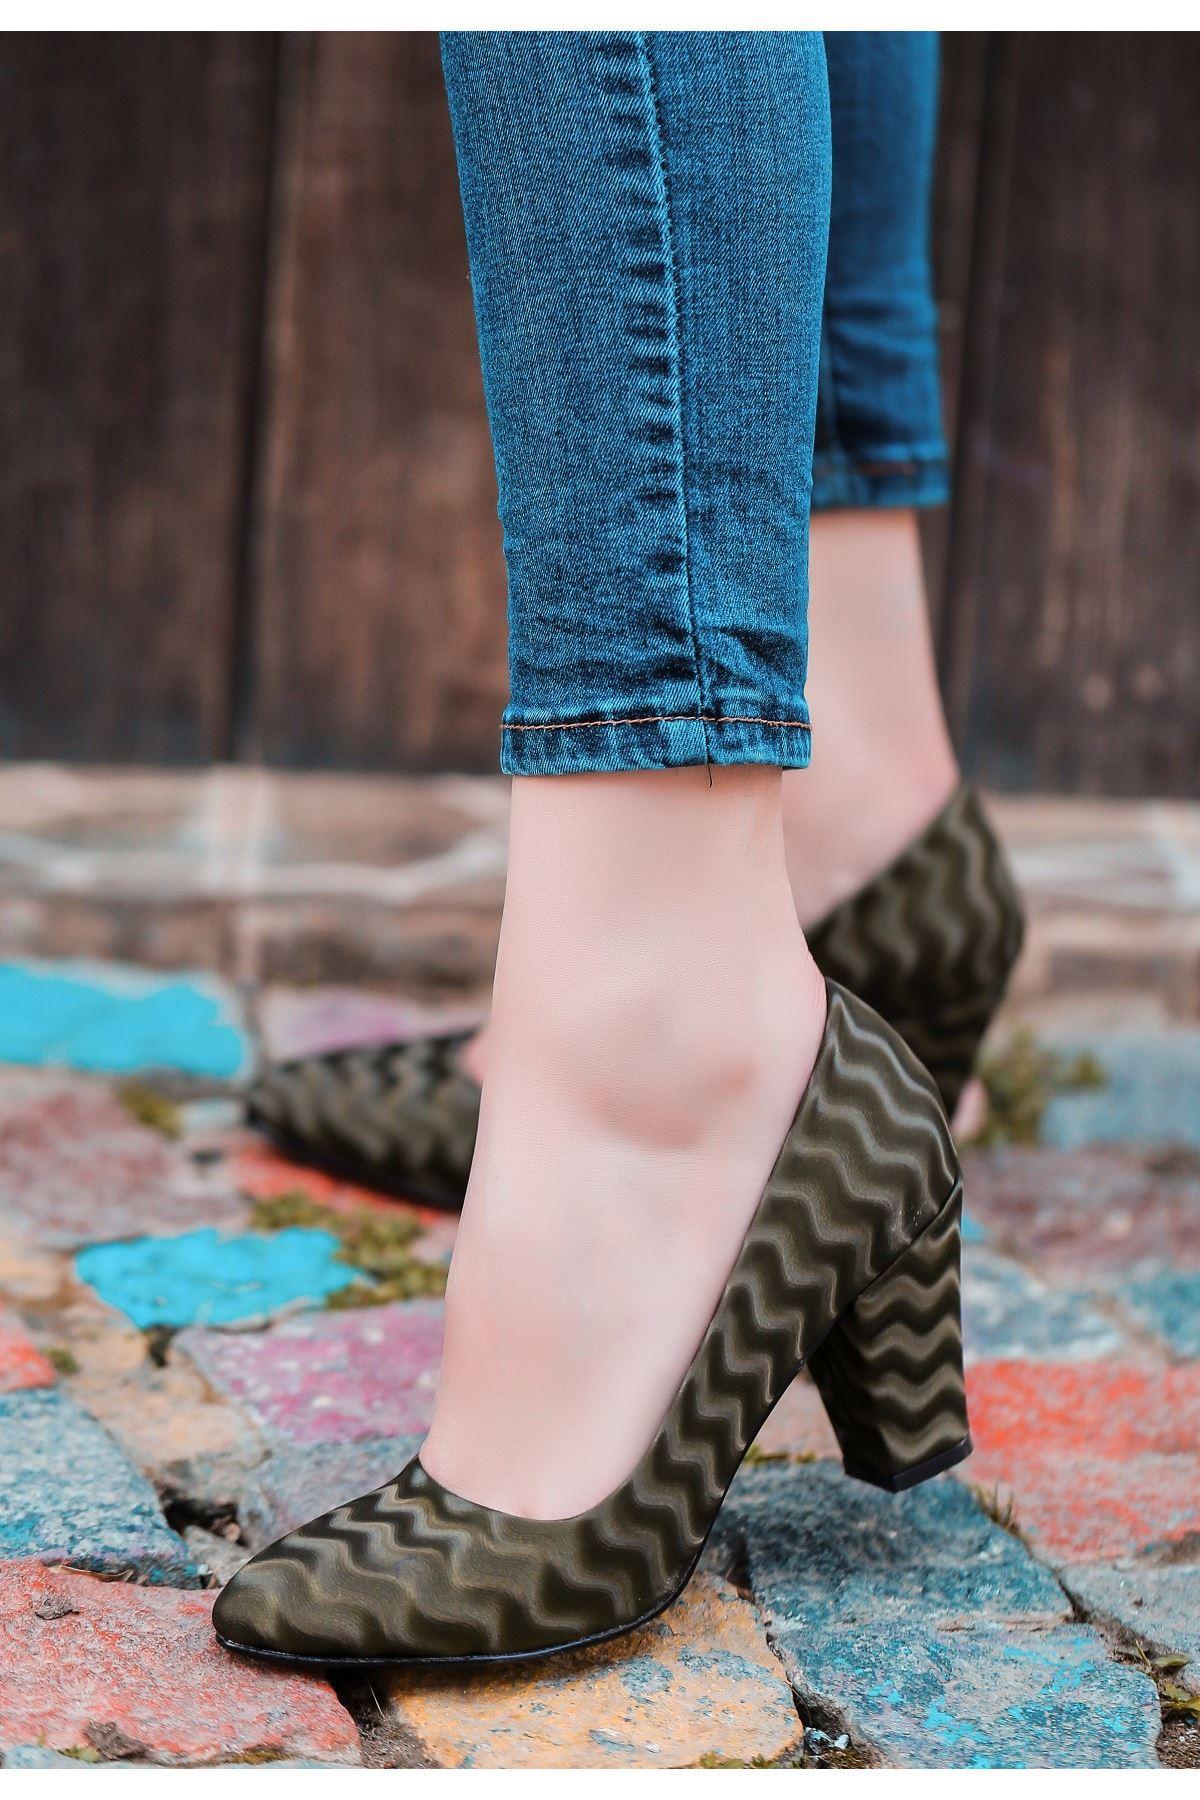 Mior Haki Yeşil Süet Desenli Topuklu Ayakkabı